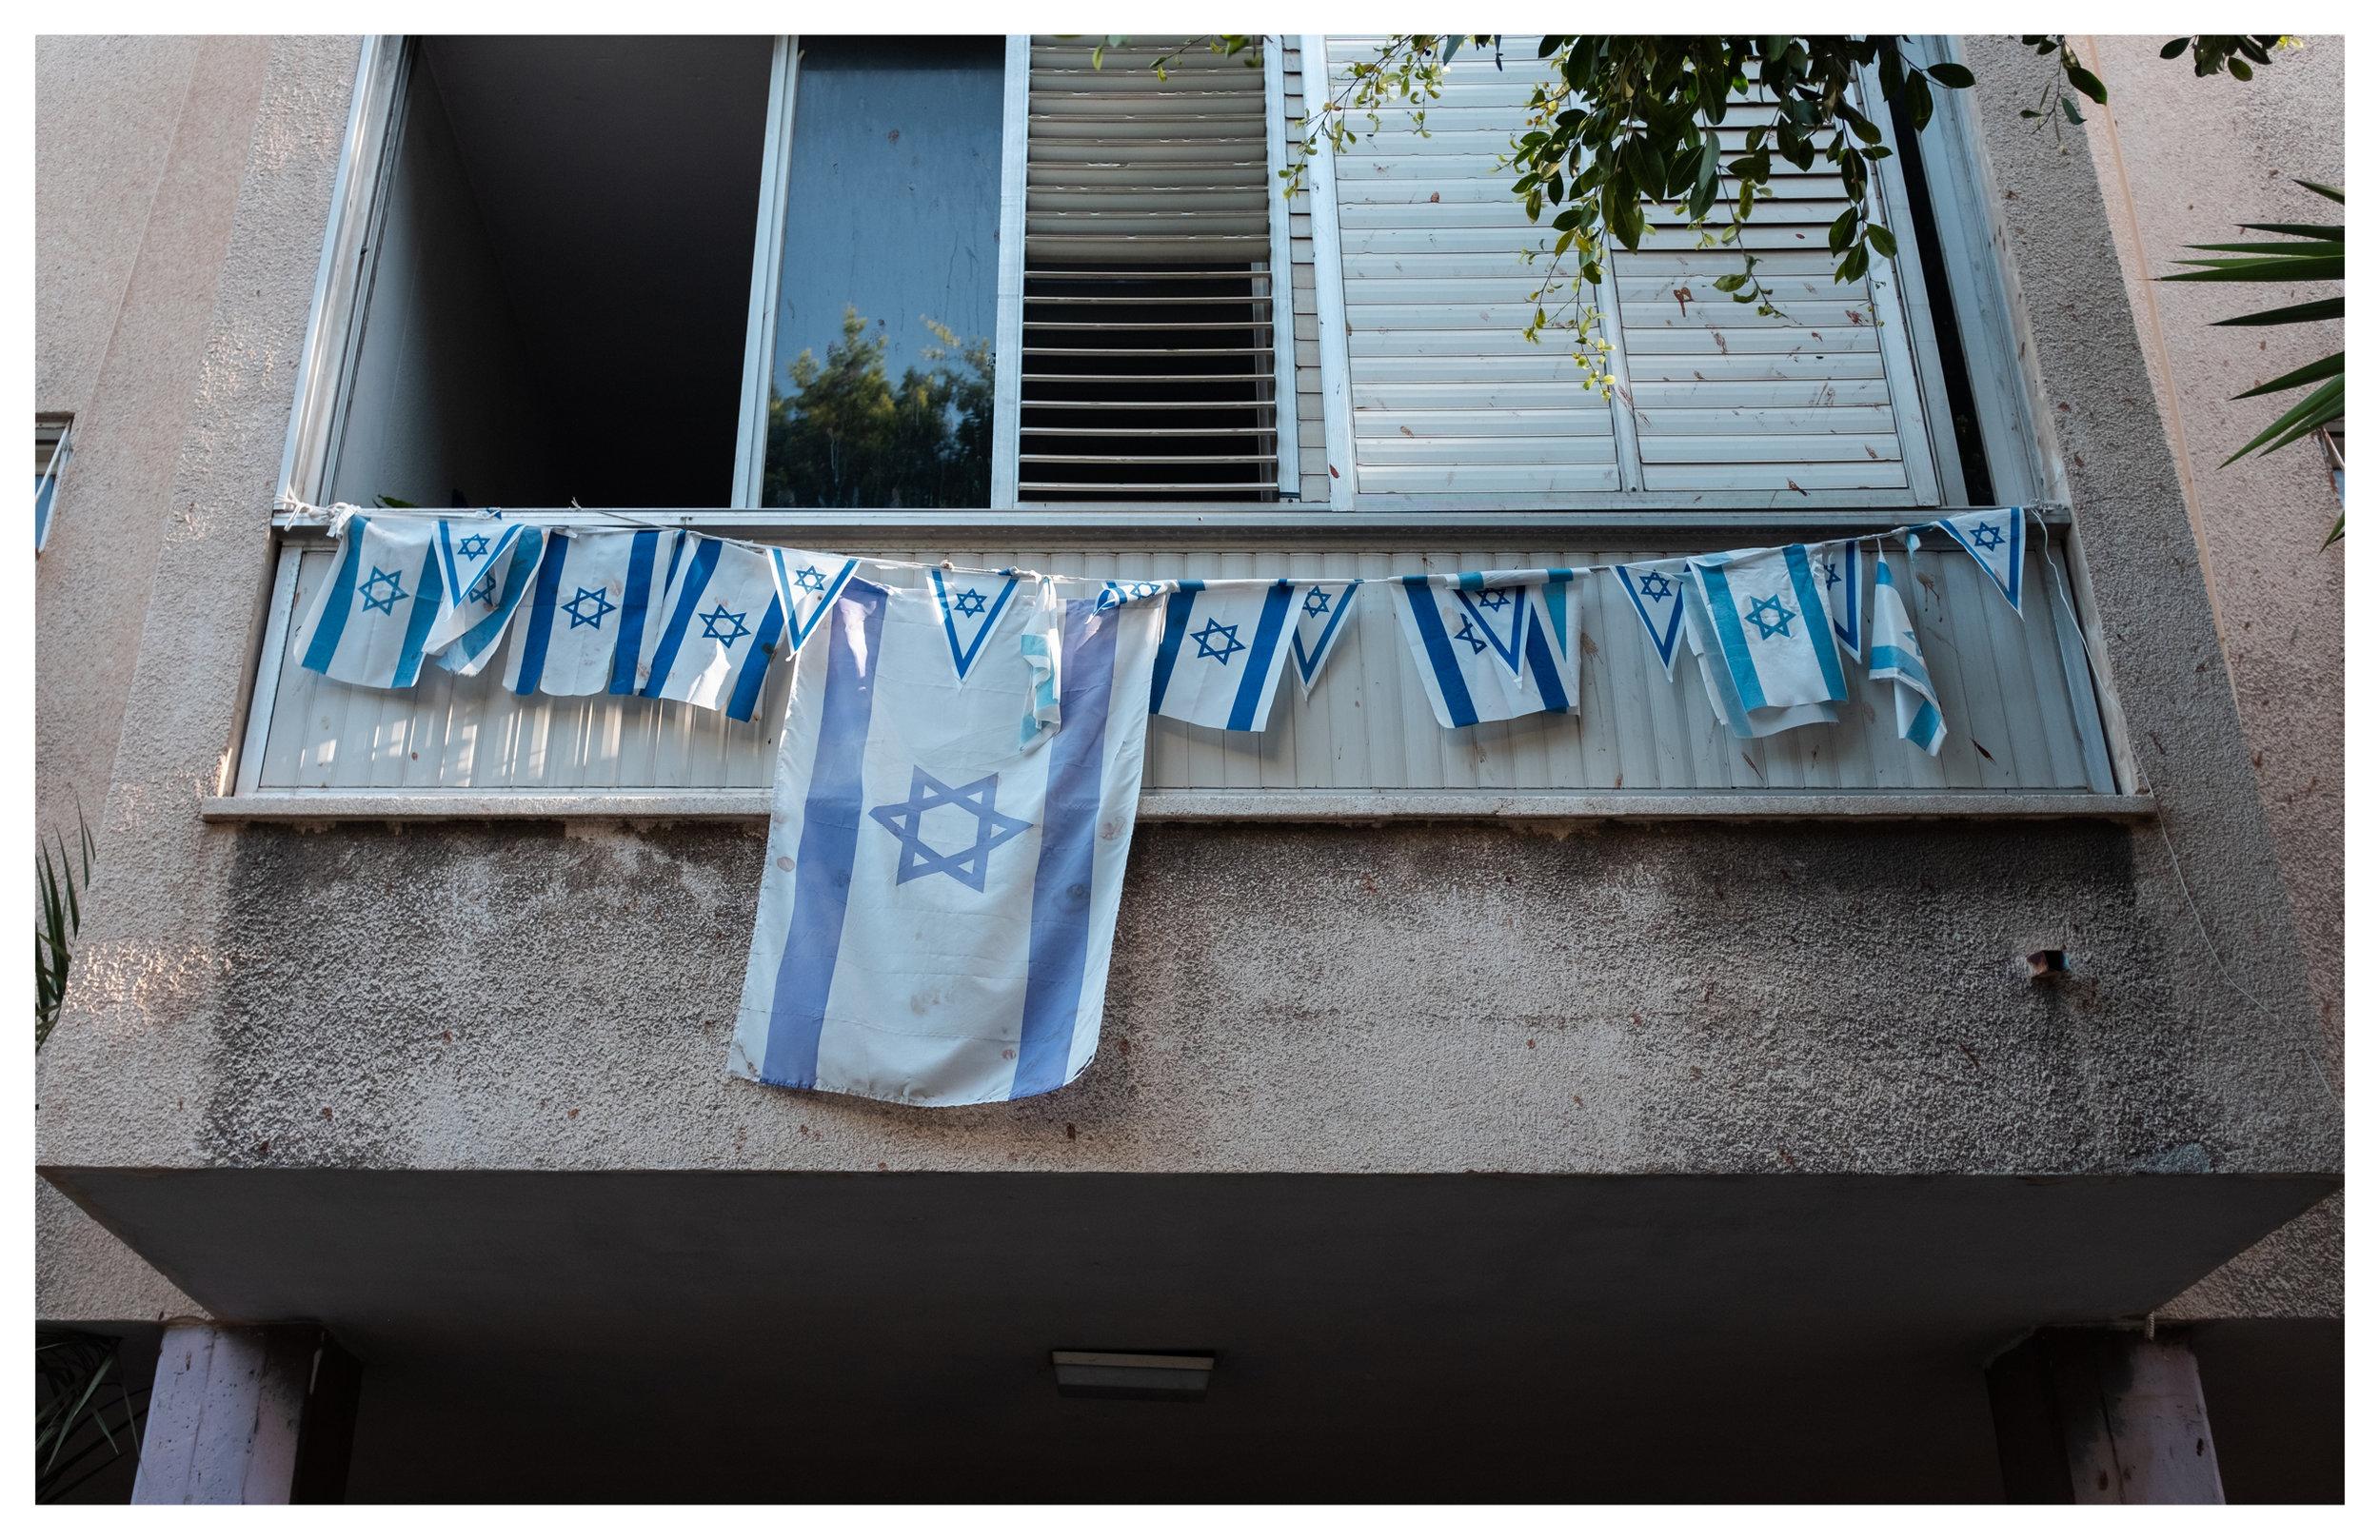 TEL AVIV SERKIS14.jpg